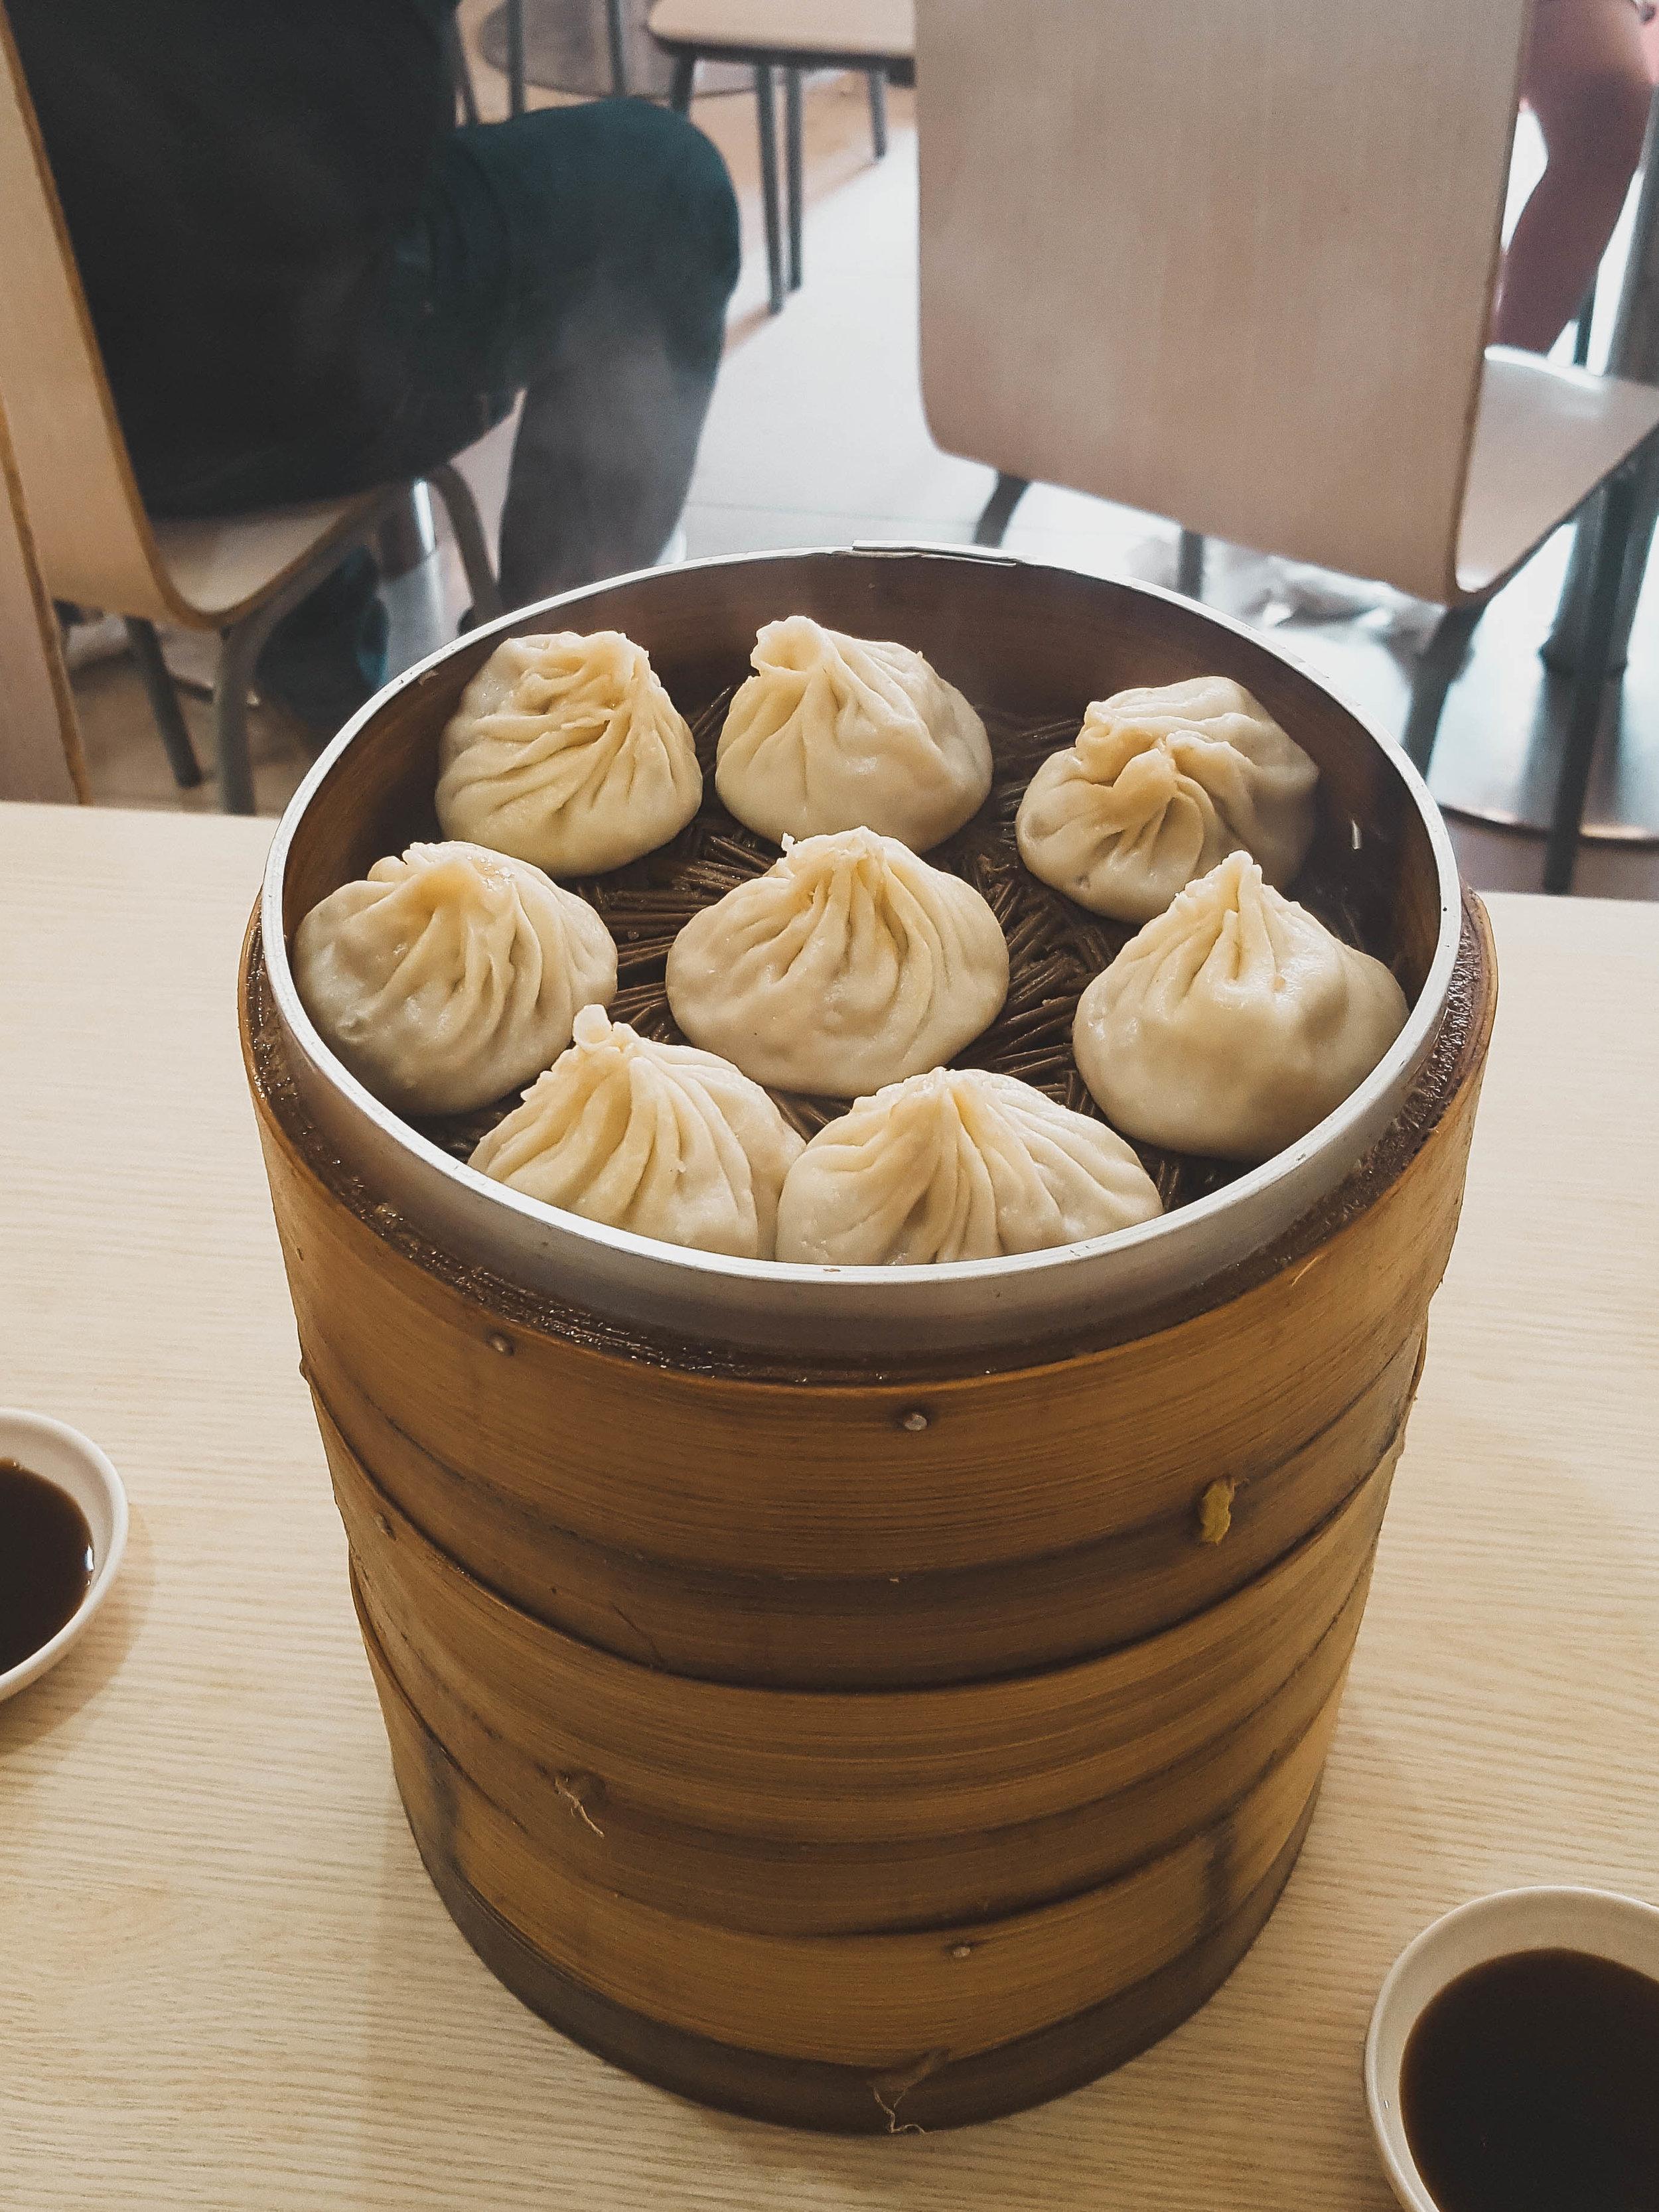 Three baskets of Xiaolongbao for $3 in Nanjing